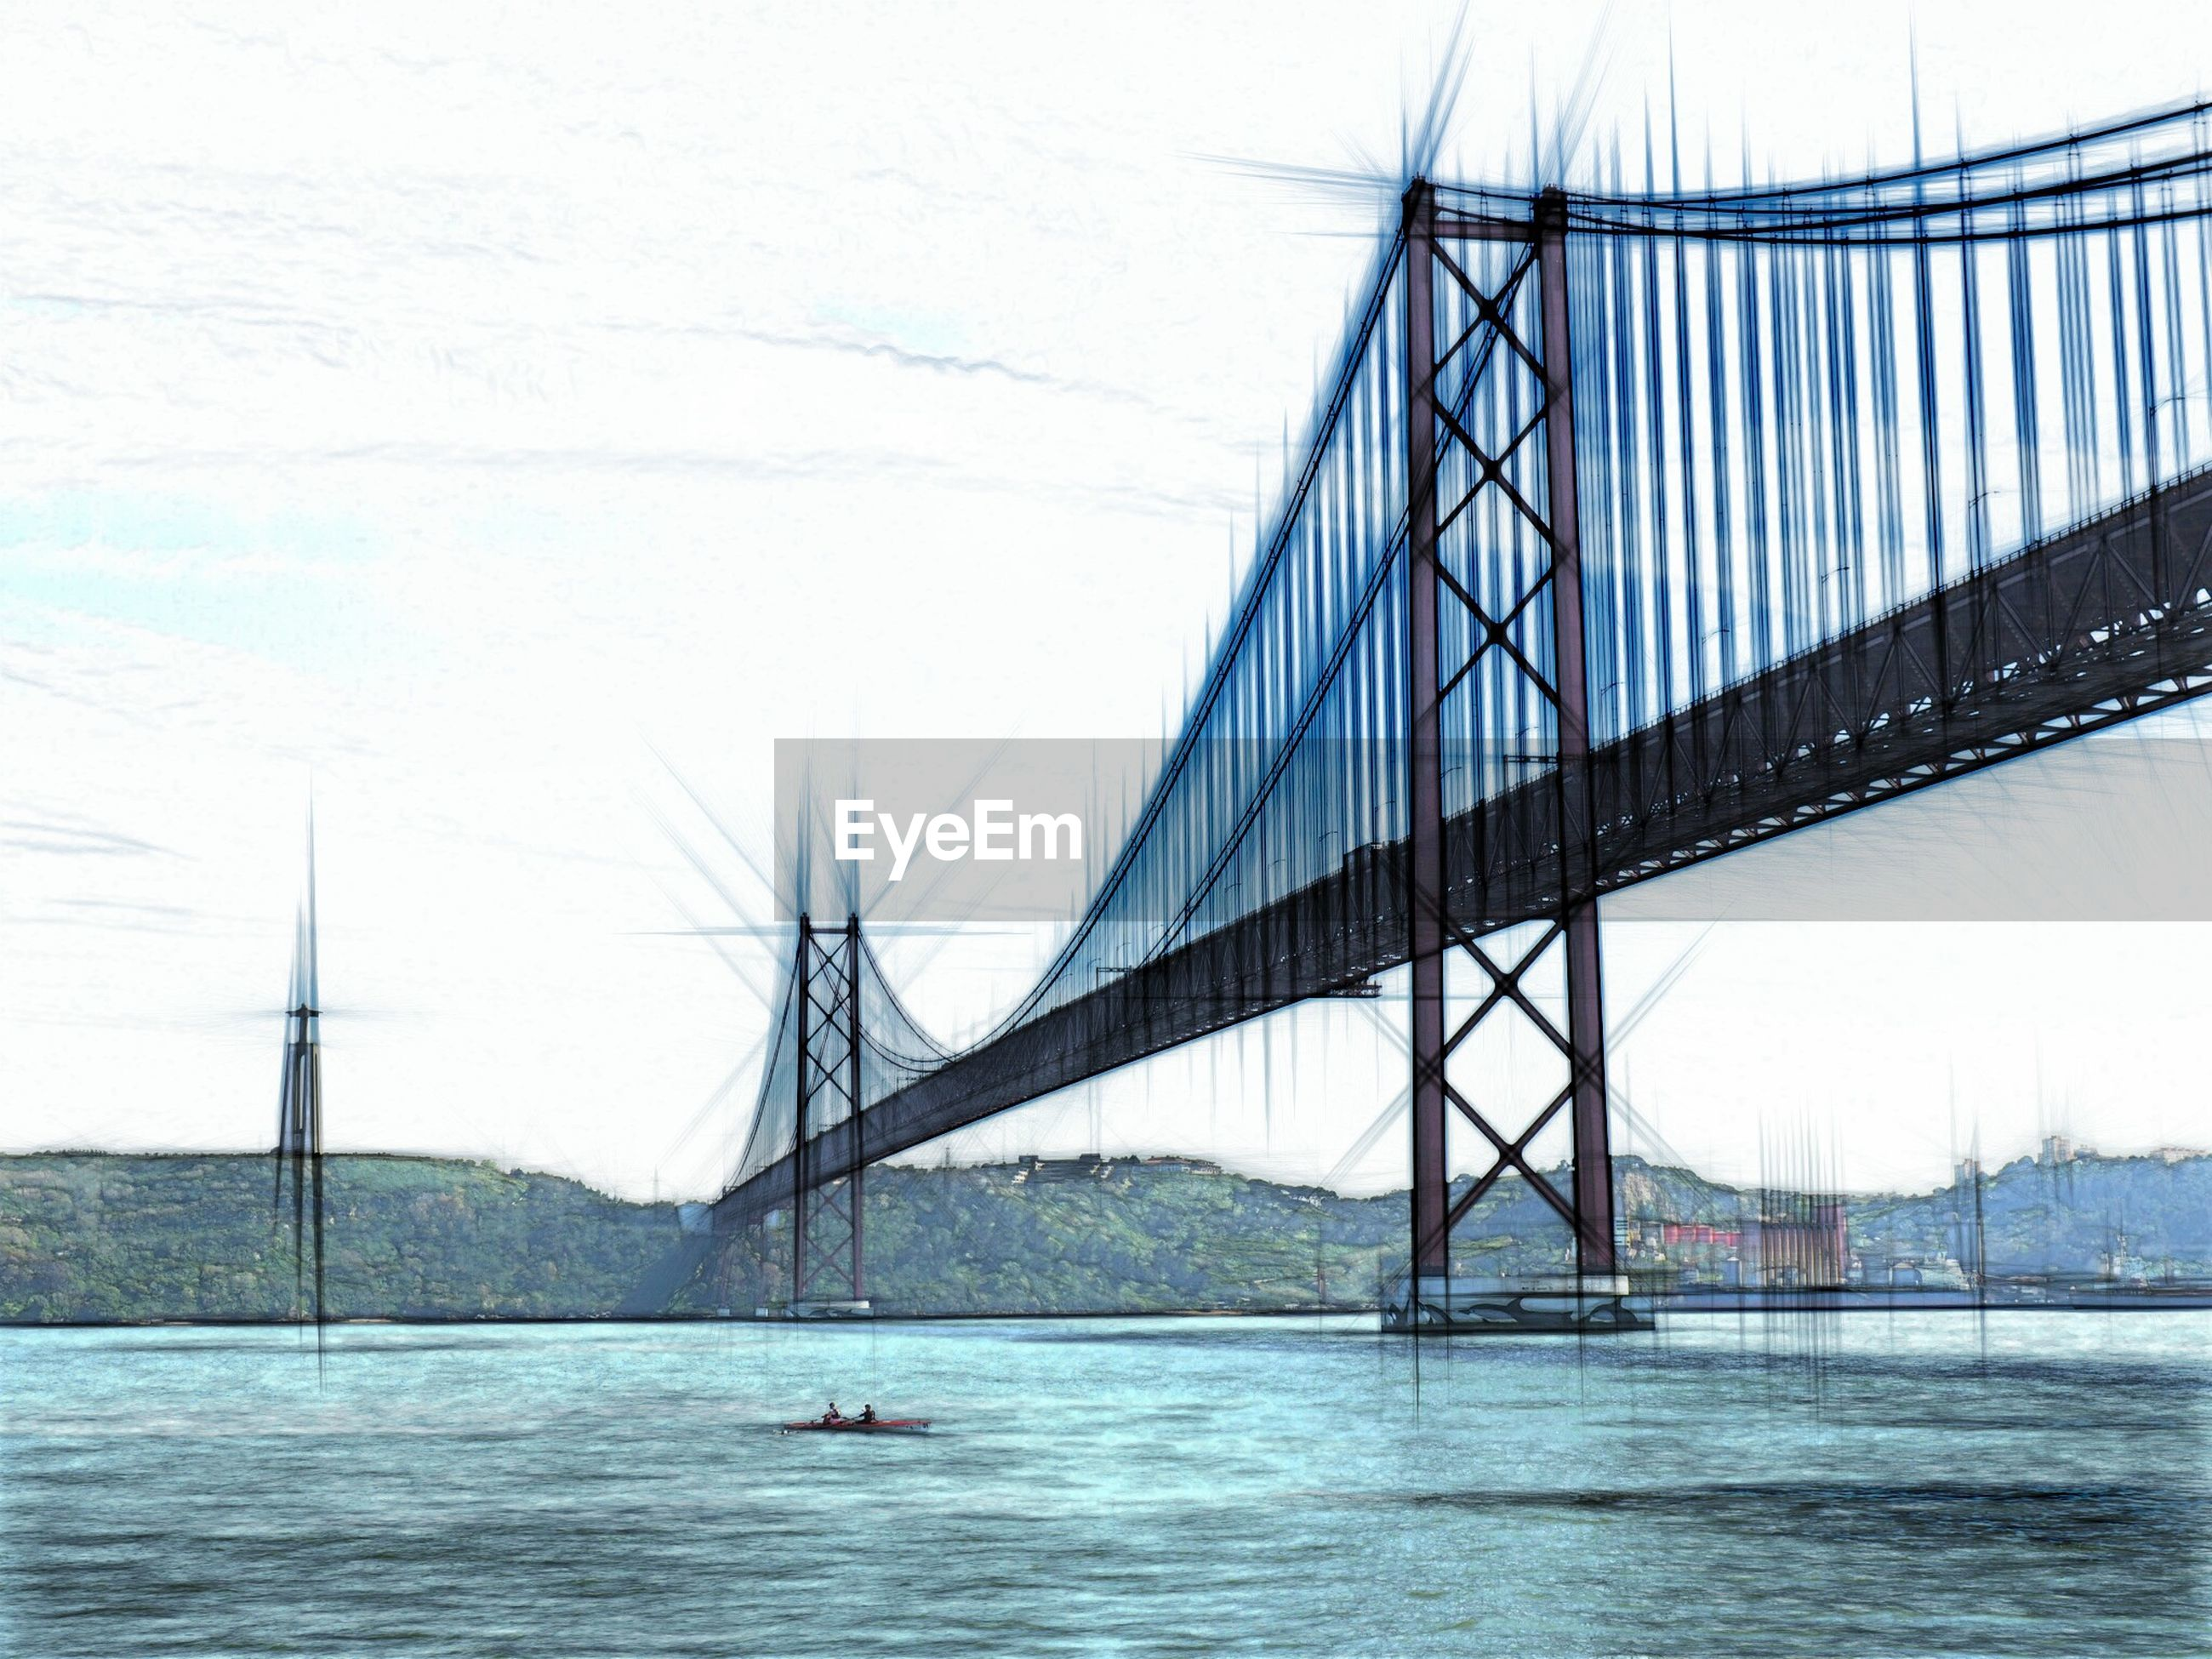 SUSPENSION BRIDGE OVER RIVER WITH BRIDGE